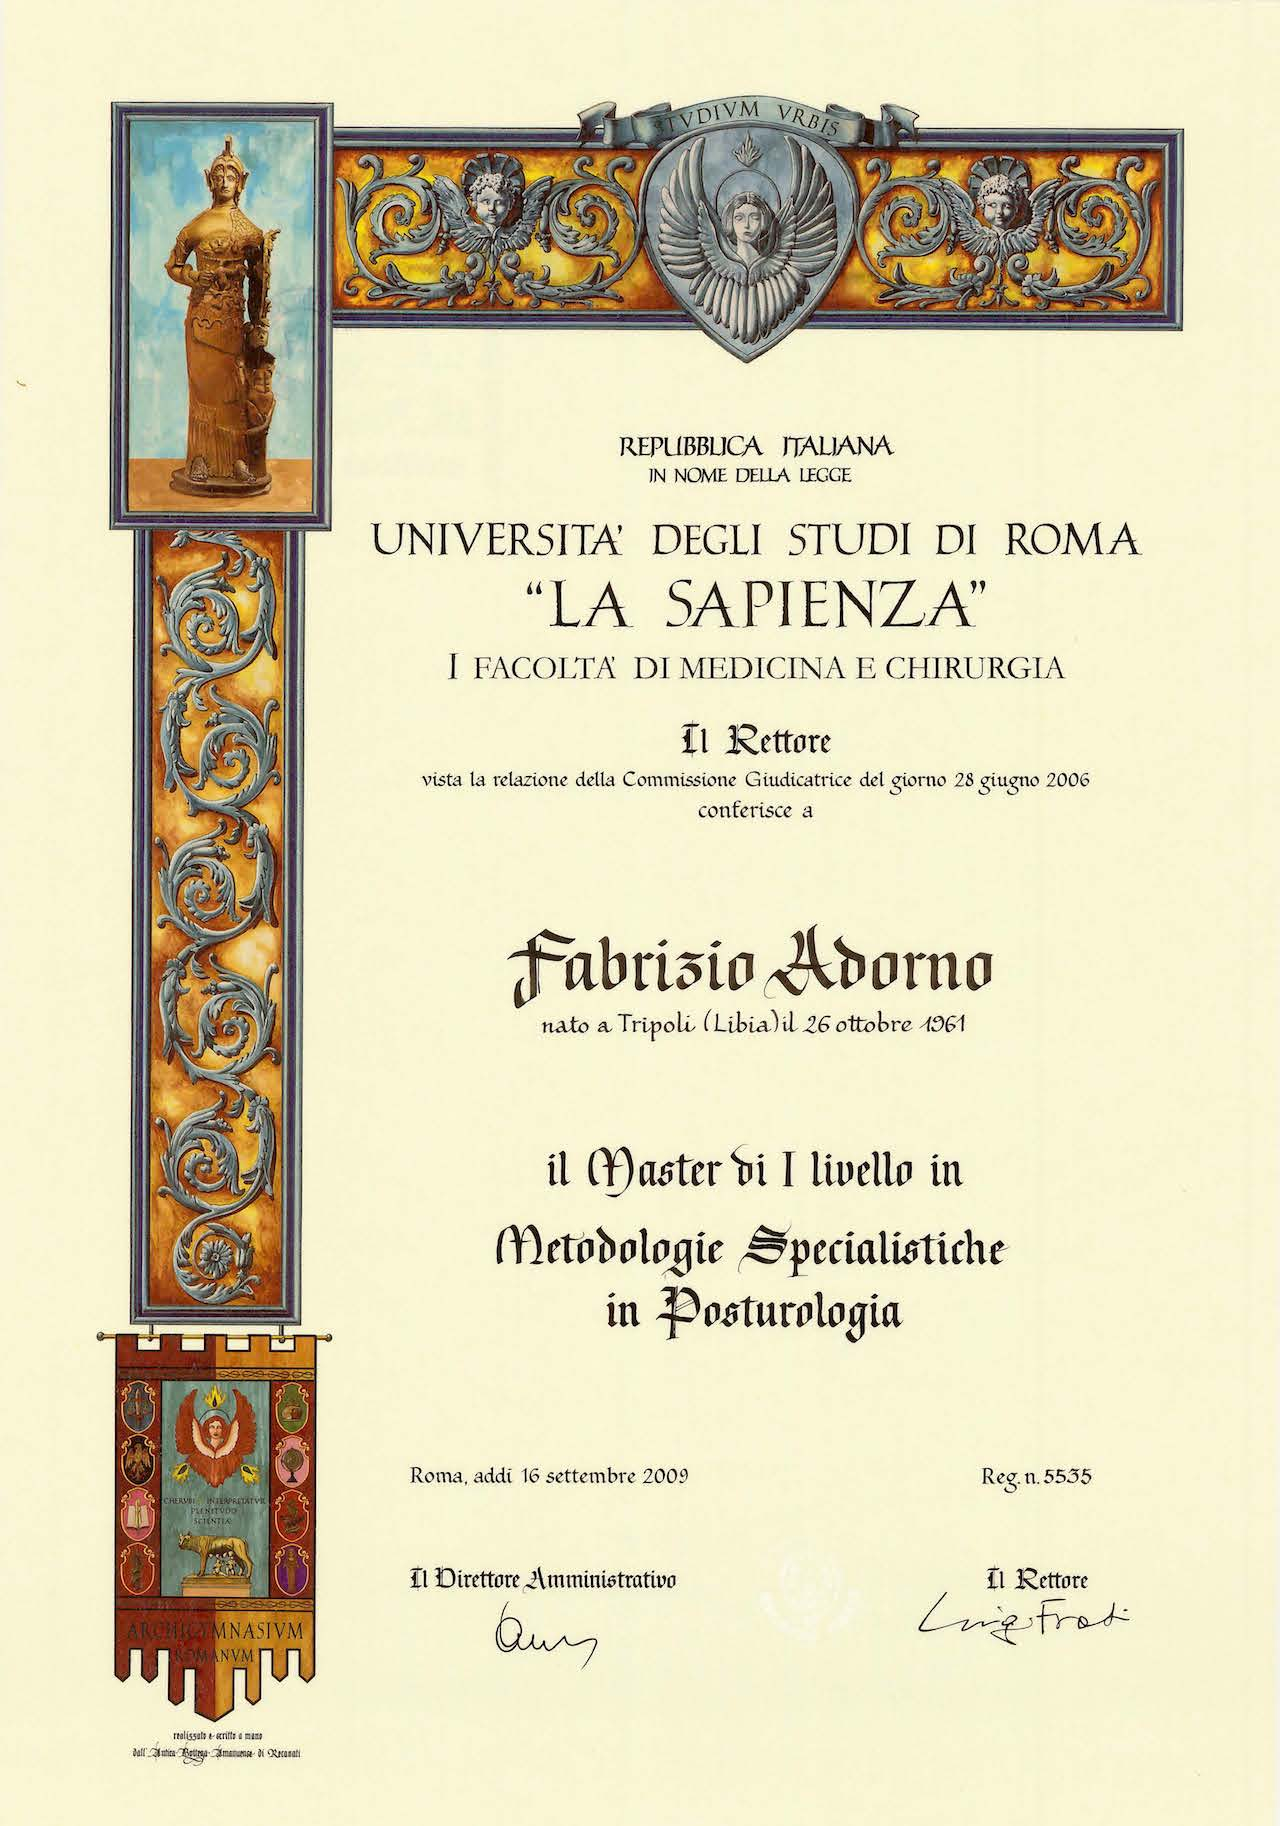 D.M.U. in Posturologia